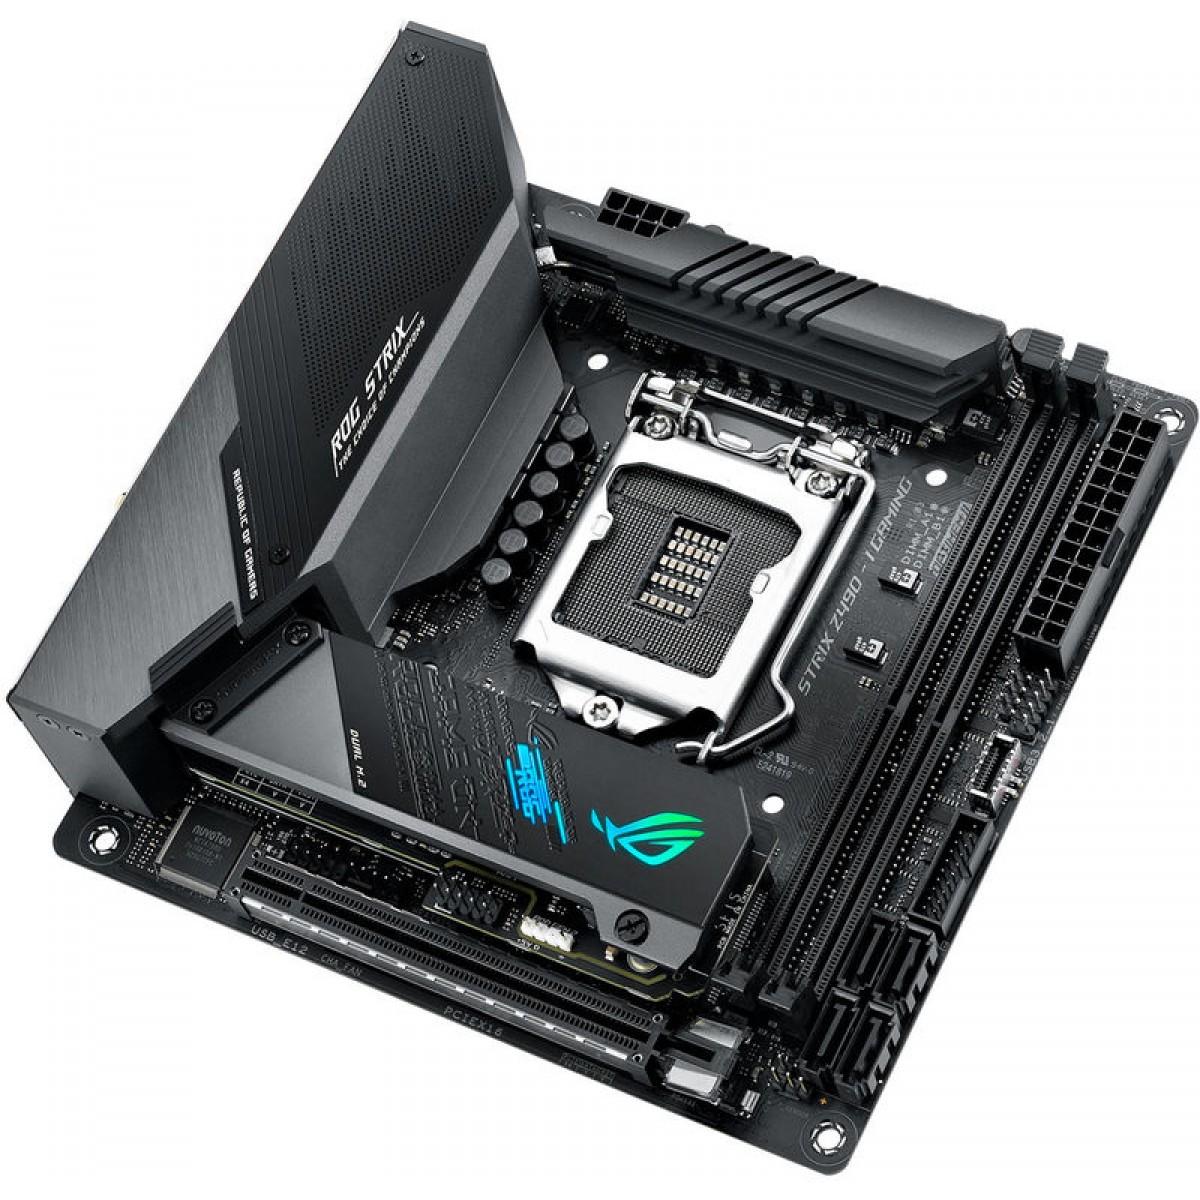 Placa Mãe Asus Rog Strix Z490-I Gaming Wi-fi, Chipset Z490, Intel LGA 1200, Mini-ITX, DDR4